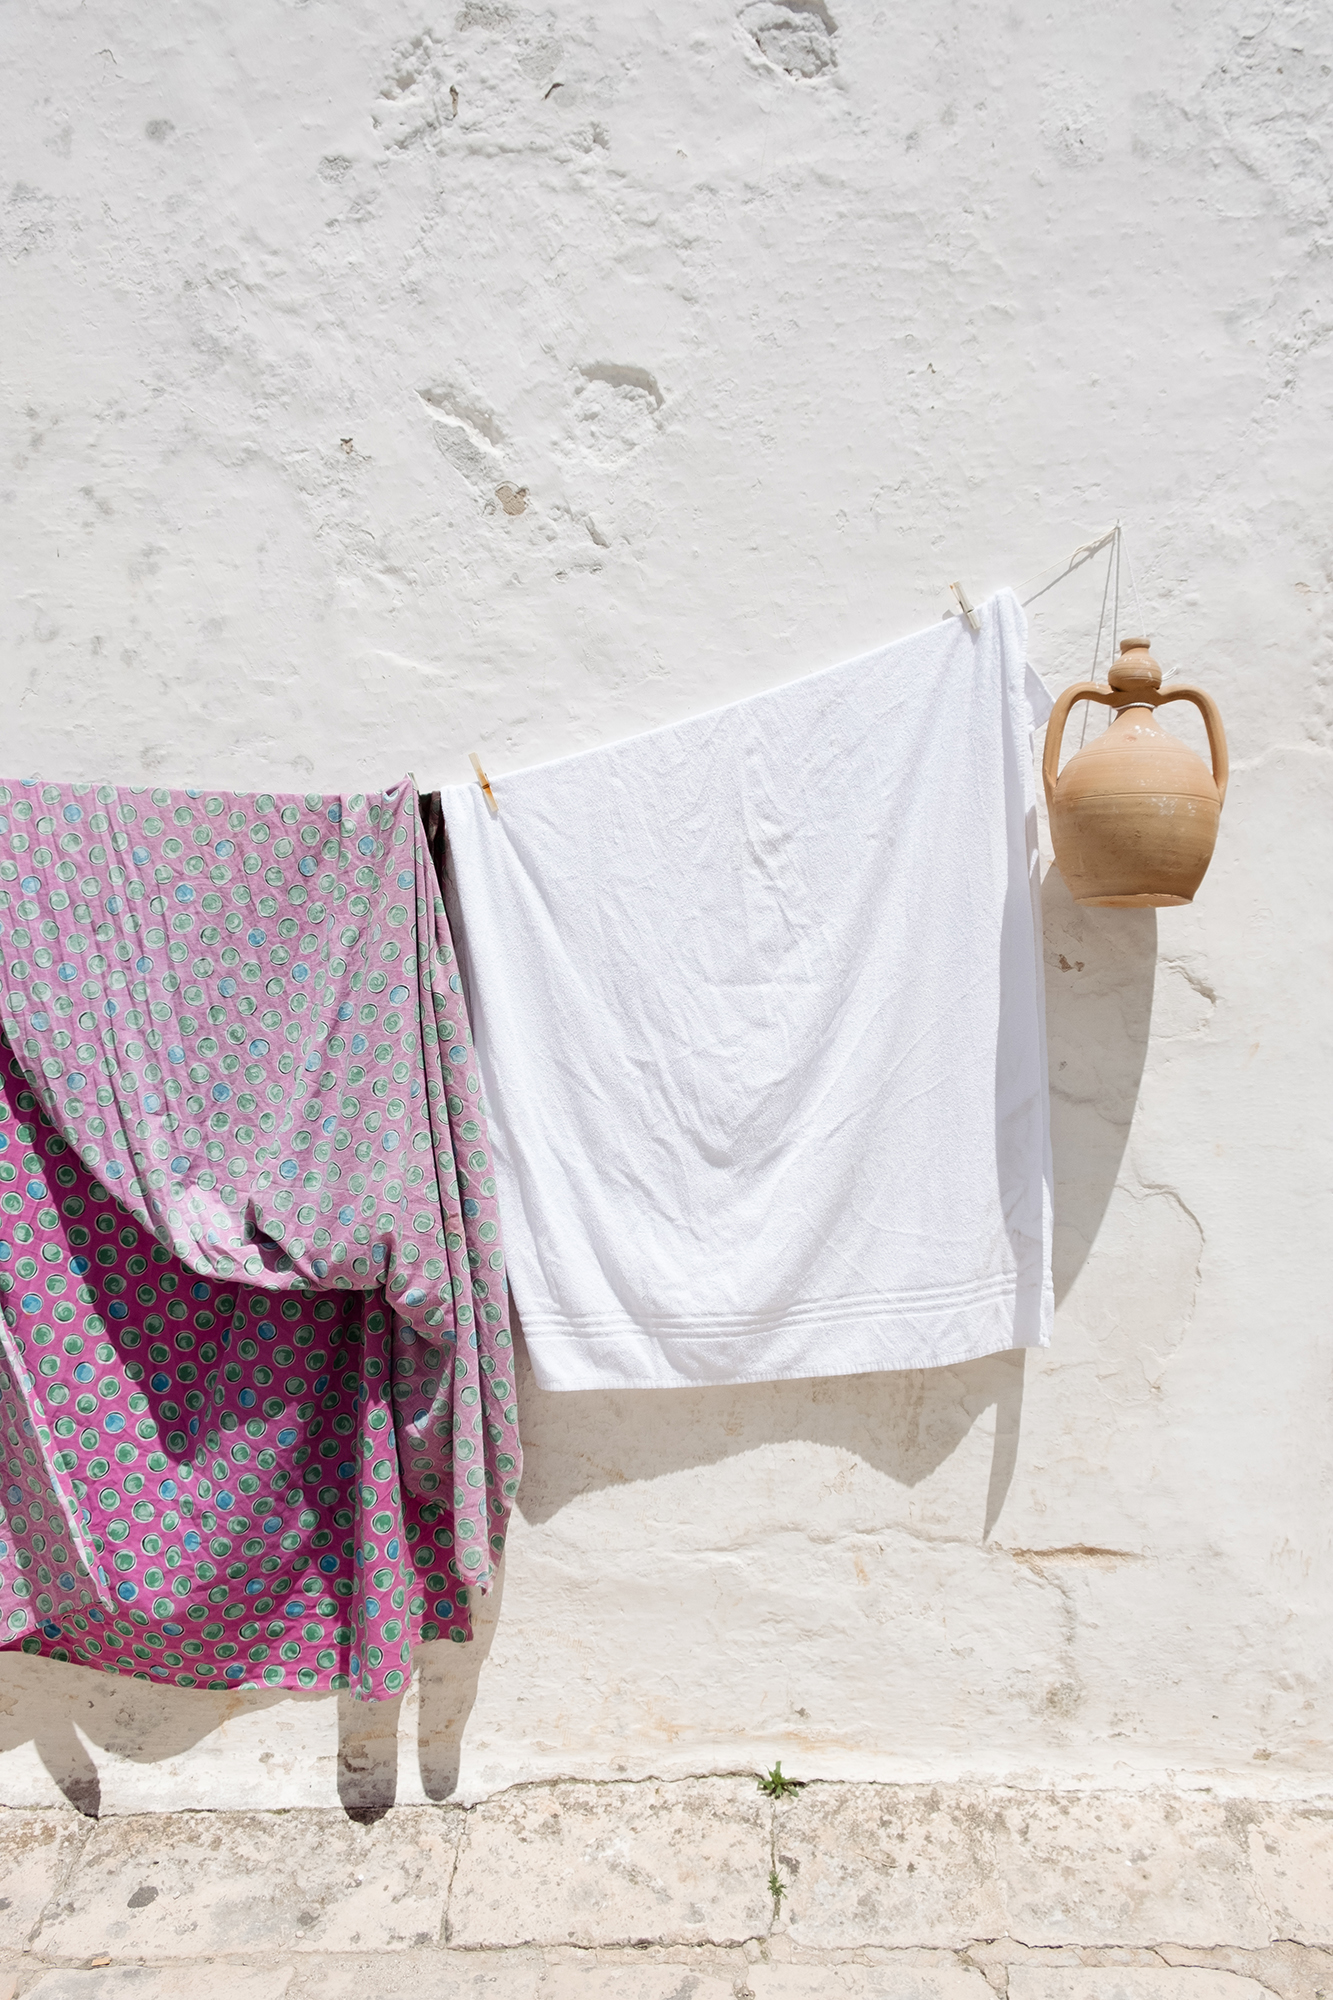 201905_Alberobello_DSCF3141.jpg